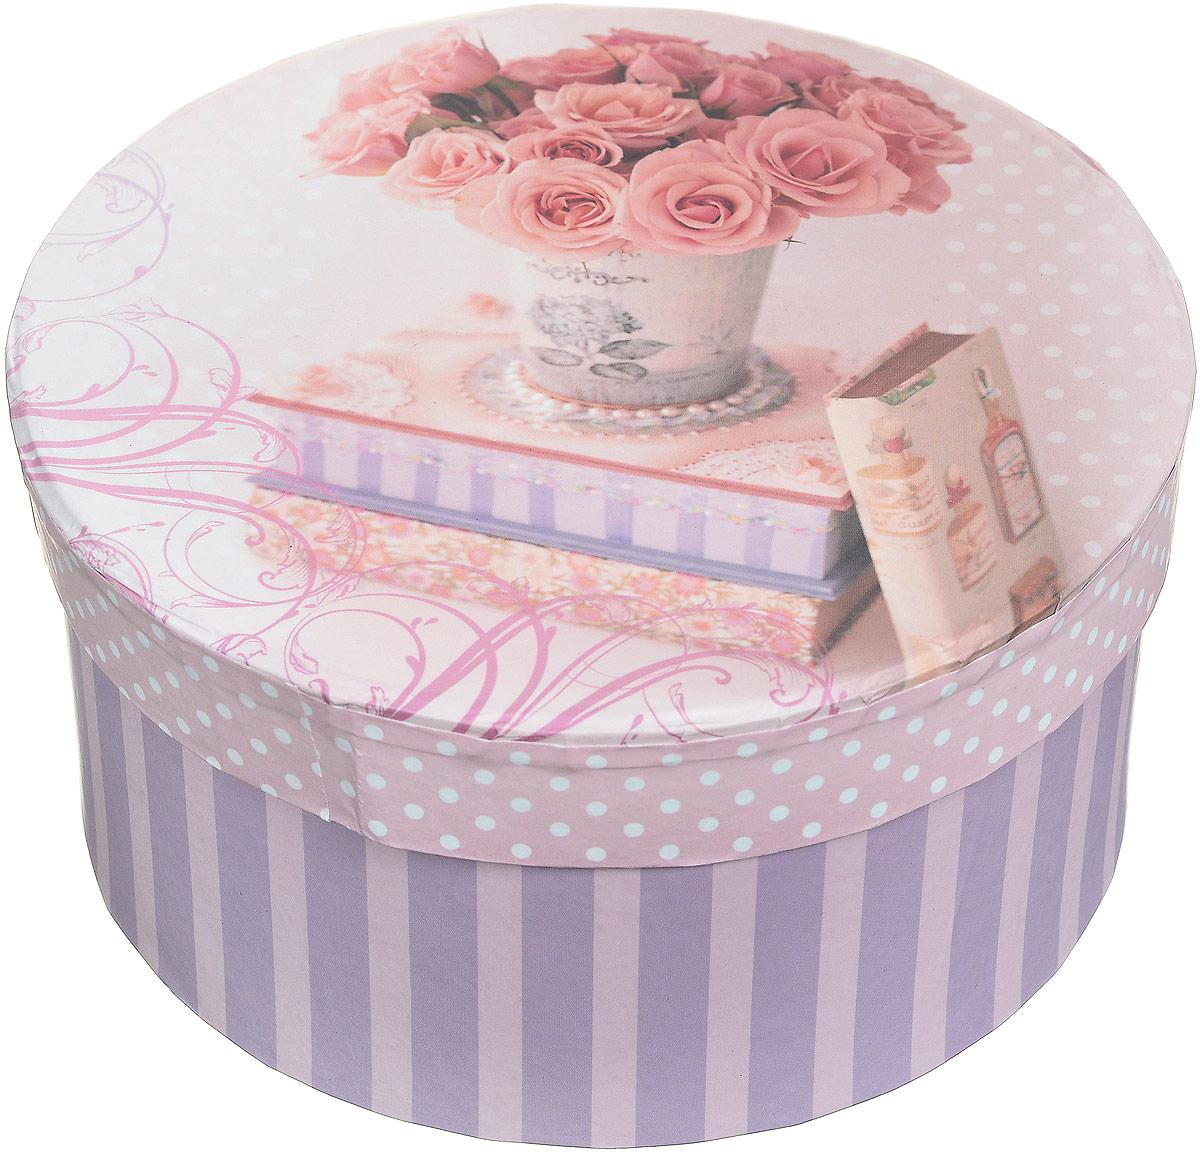 Коробка подарочная Magic Home Ваза с розами, круглая, 14 х 14 х 7 смKT002AПодарочная коробка Magic Home Ваза с розами выполнена из мелованного ламинированного картона. Коробочка оформлена оригинальным цветочным рисунком. Изделие имеет круглую форму и закрывается крышкой. Подарочная коробка - это наилучшее решение, если вы хотите порадовать близких людей и создать праздничное настроение, ведь подарок, преподнесенный в оригинальной упаковке, всегда будет самым эффектным и запоминающимся. Окружите близких людей вниманием и заботой, вручив презент в нарядном, праздничном оформлении.Плотность картона: 1100 г/м2.